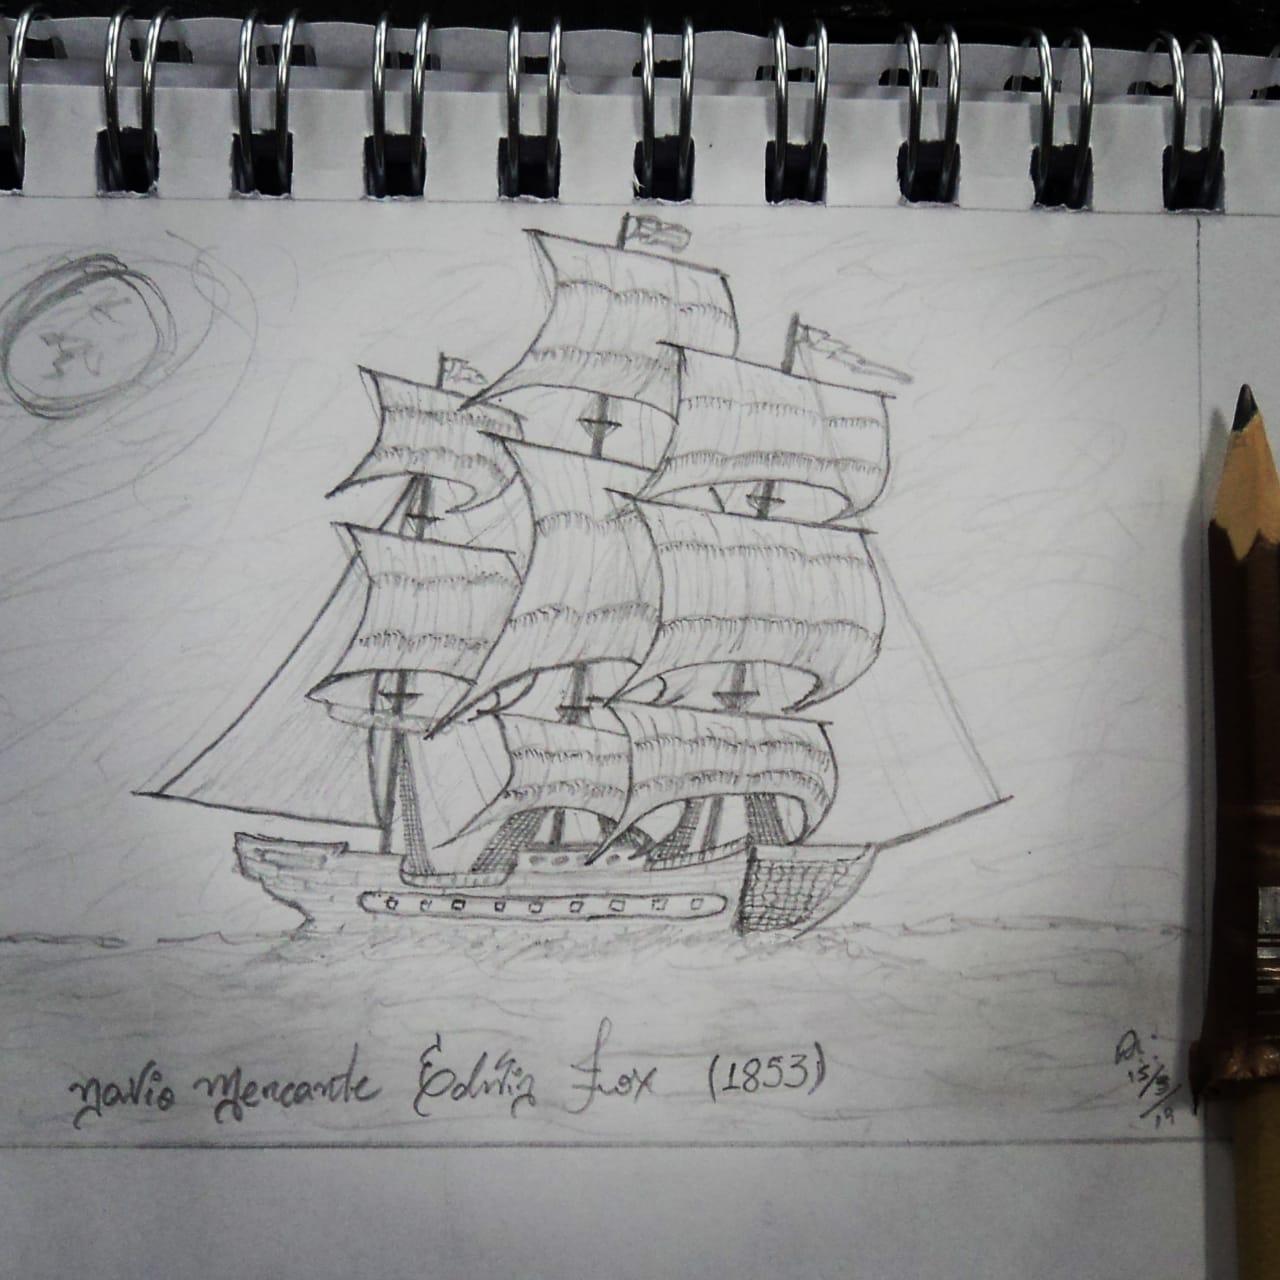 Edwin Fox, merchant vessel